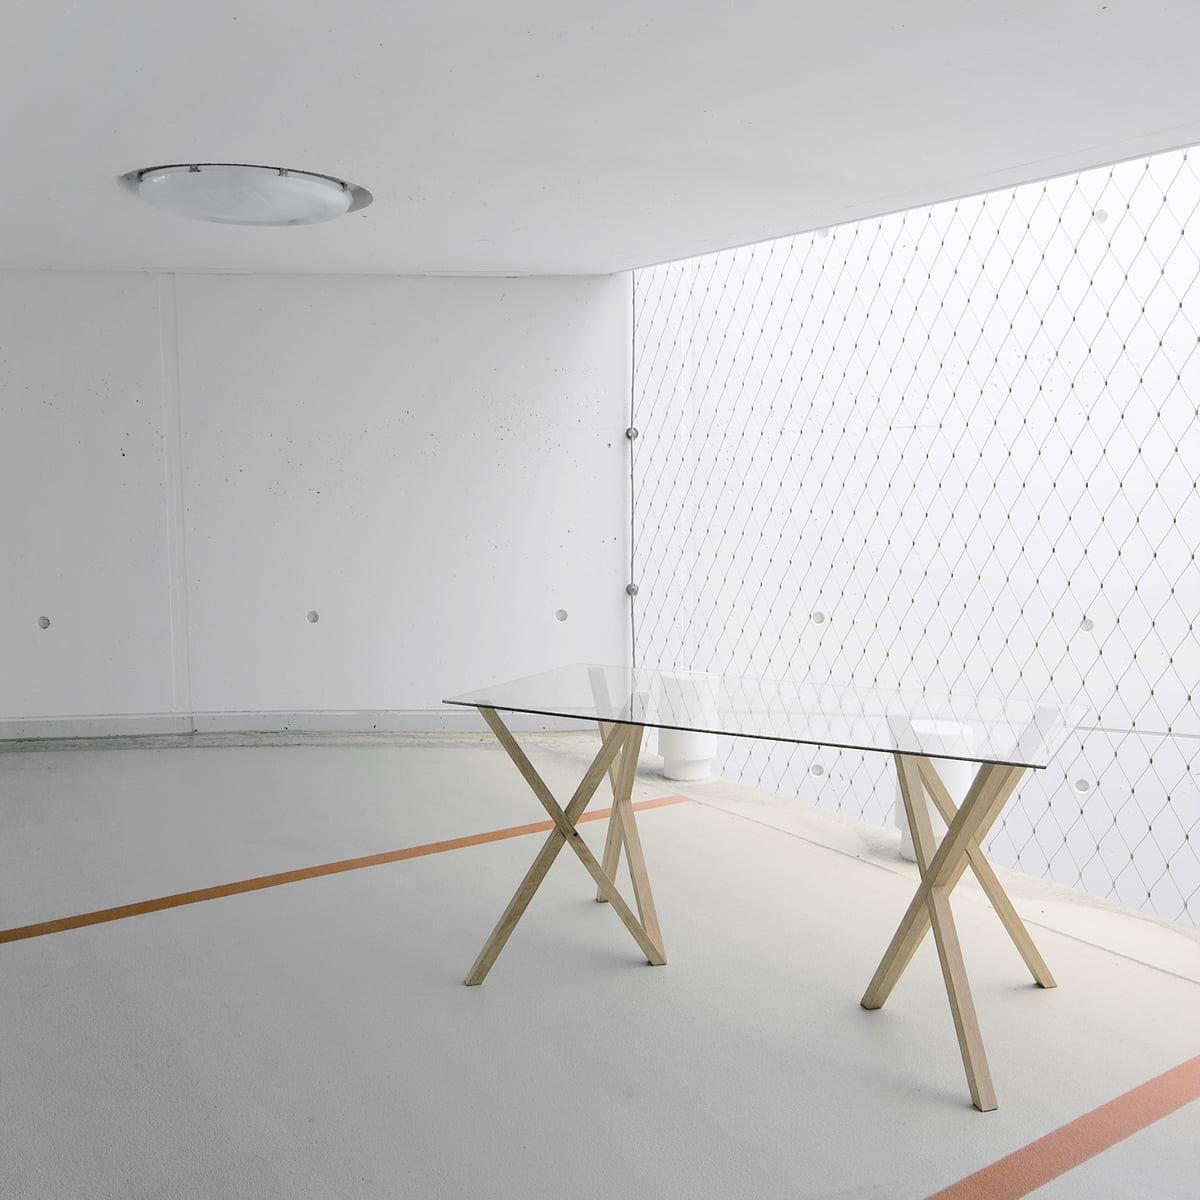 Mika tischbock von gesa hansen im shop kaufen for Tischbock design